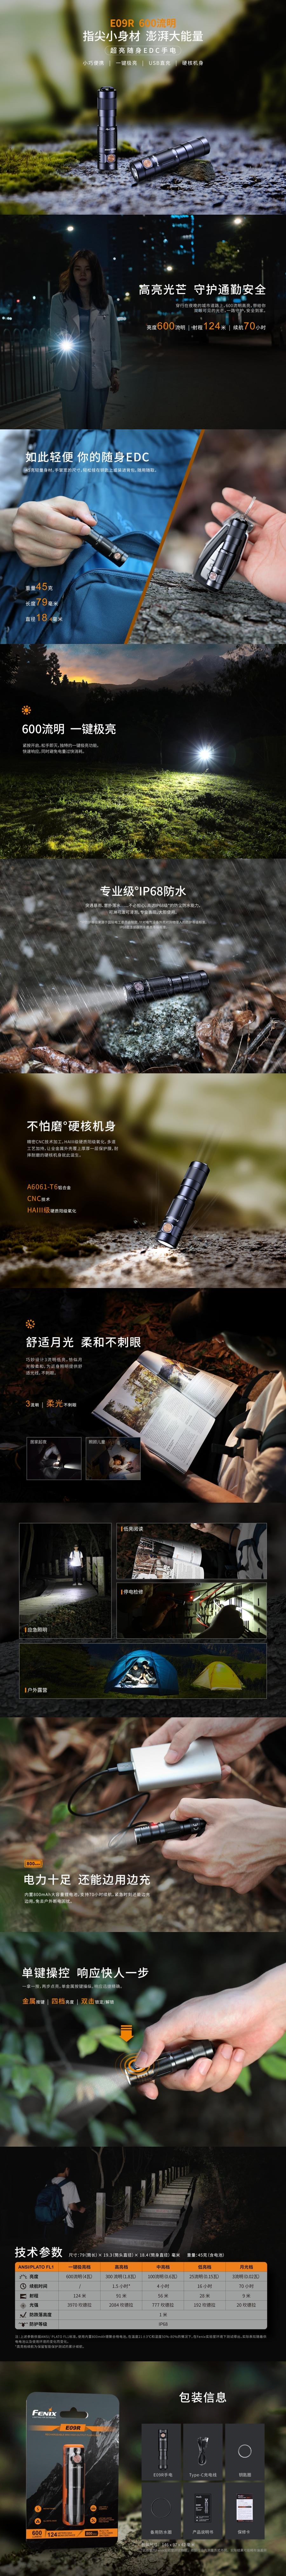 1【錸特光電】FENIX E09R 超亮隨身EDC手電筒 (1)-down